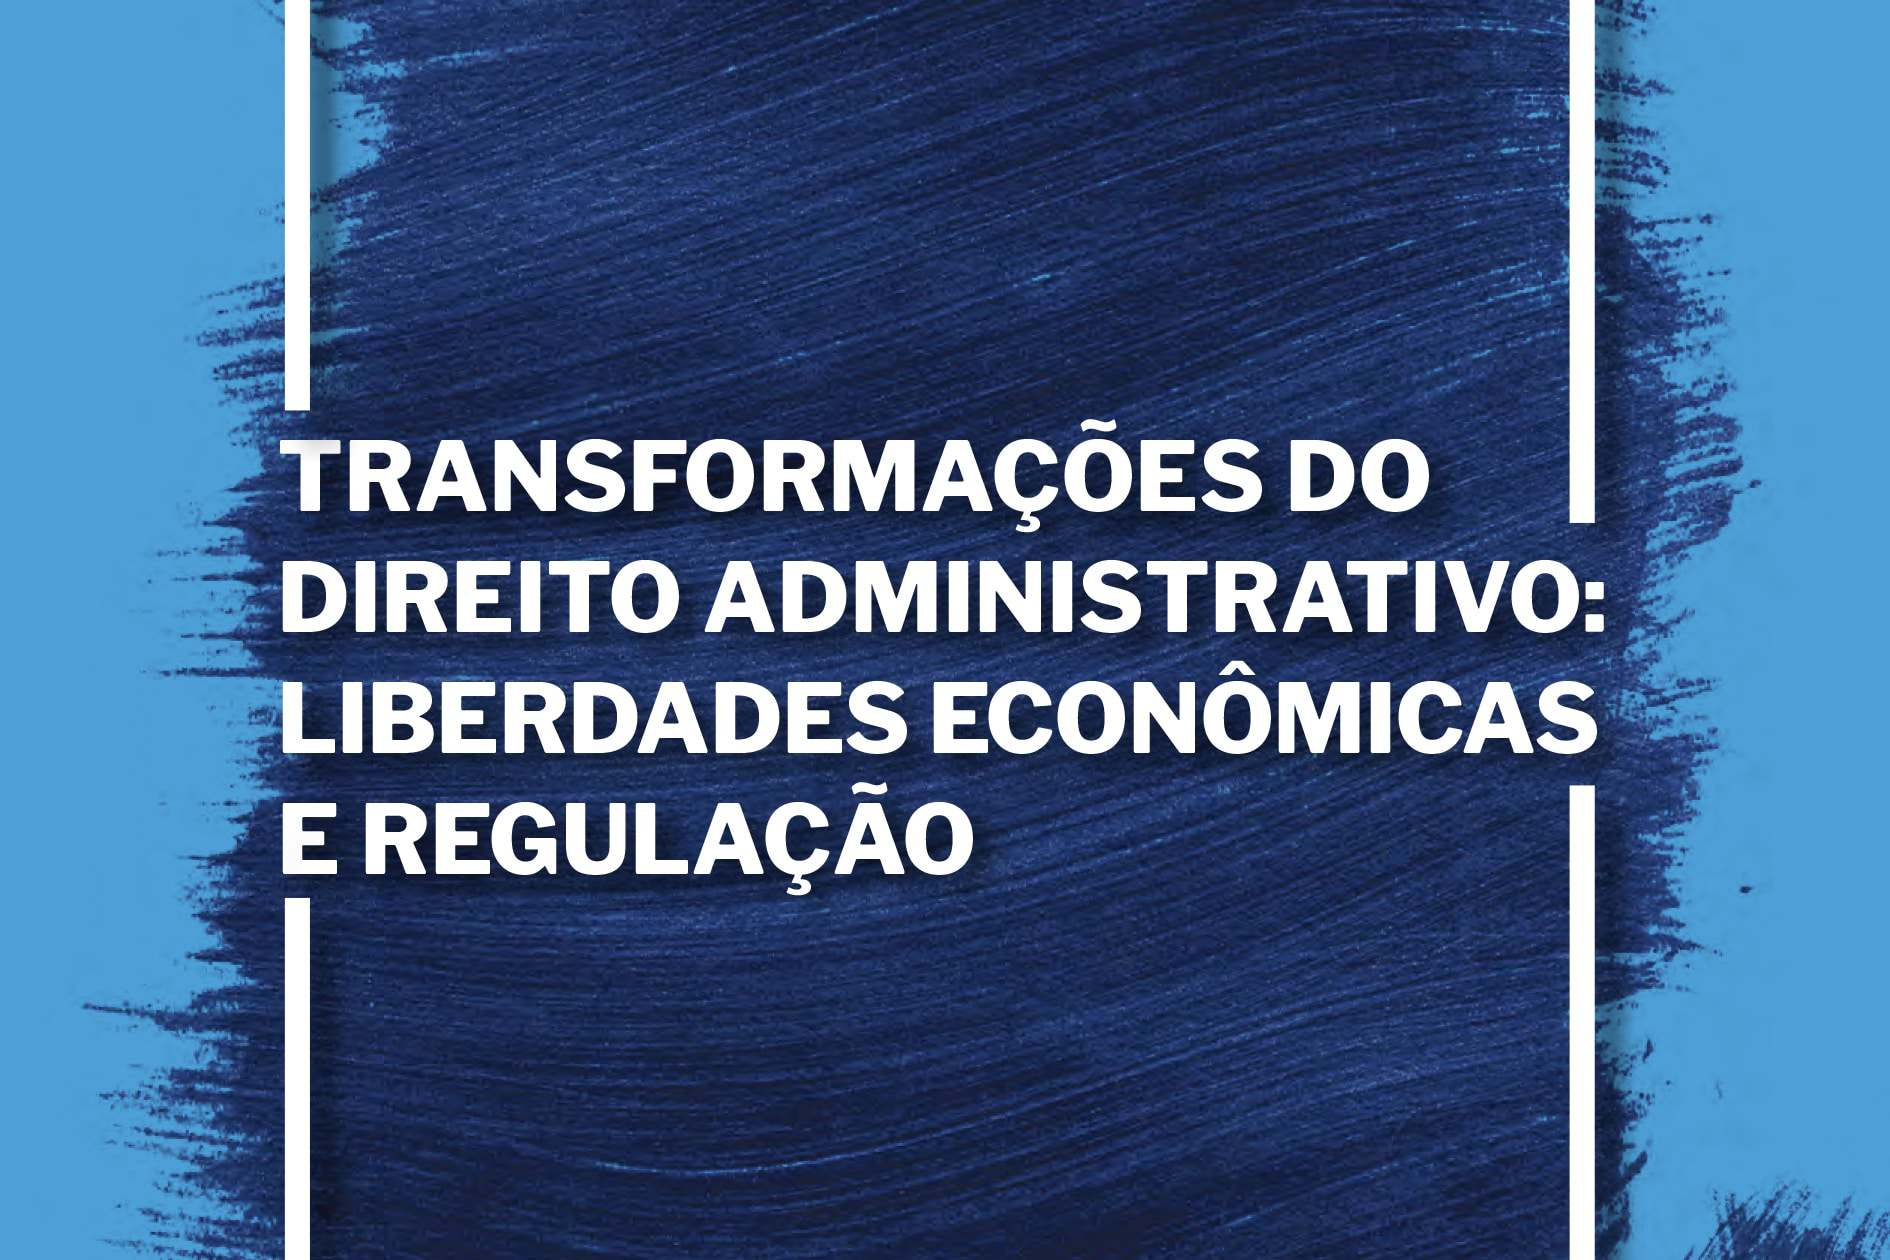 Transformações do Direito Administrativo: Liberdades Econômicas e Regulação